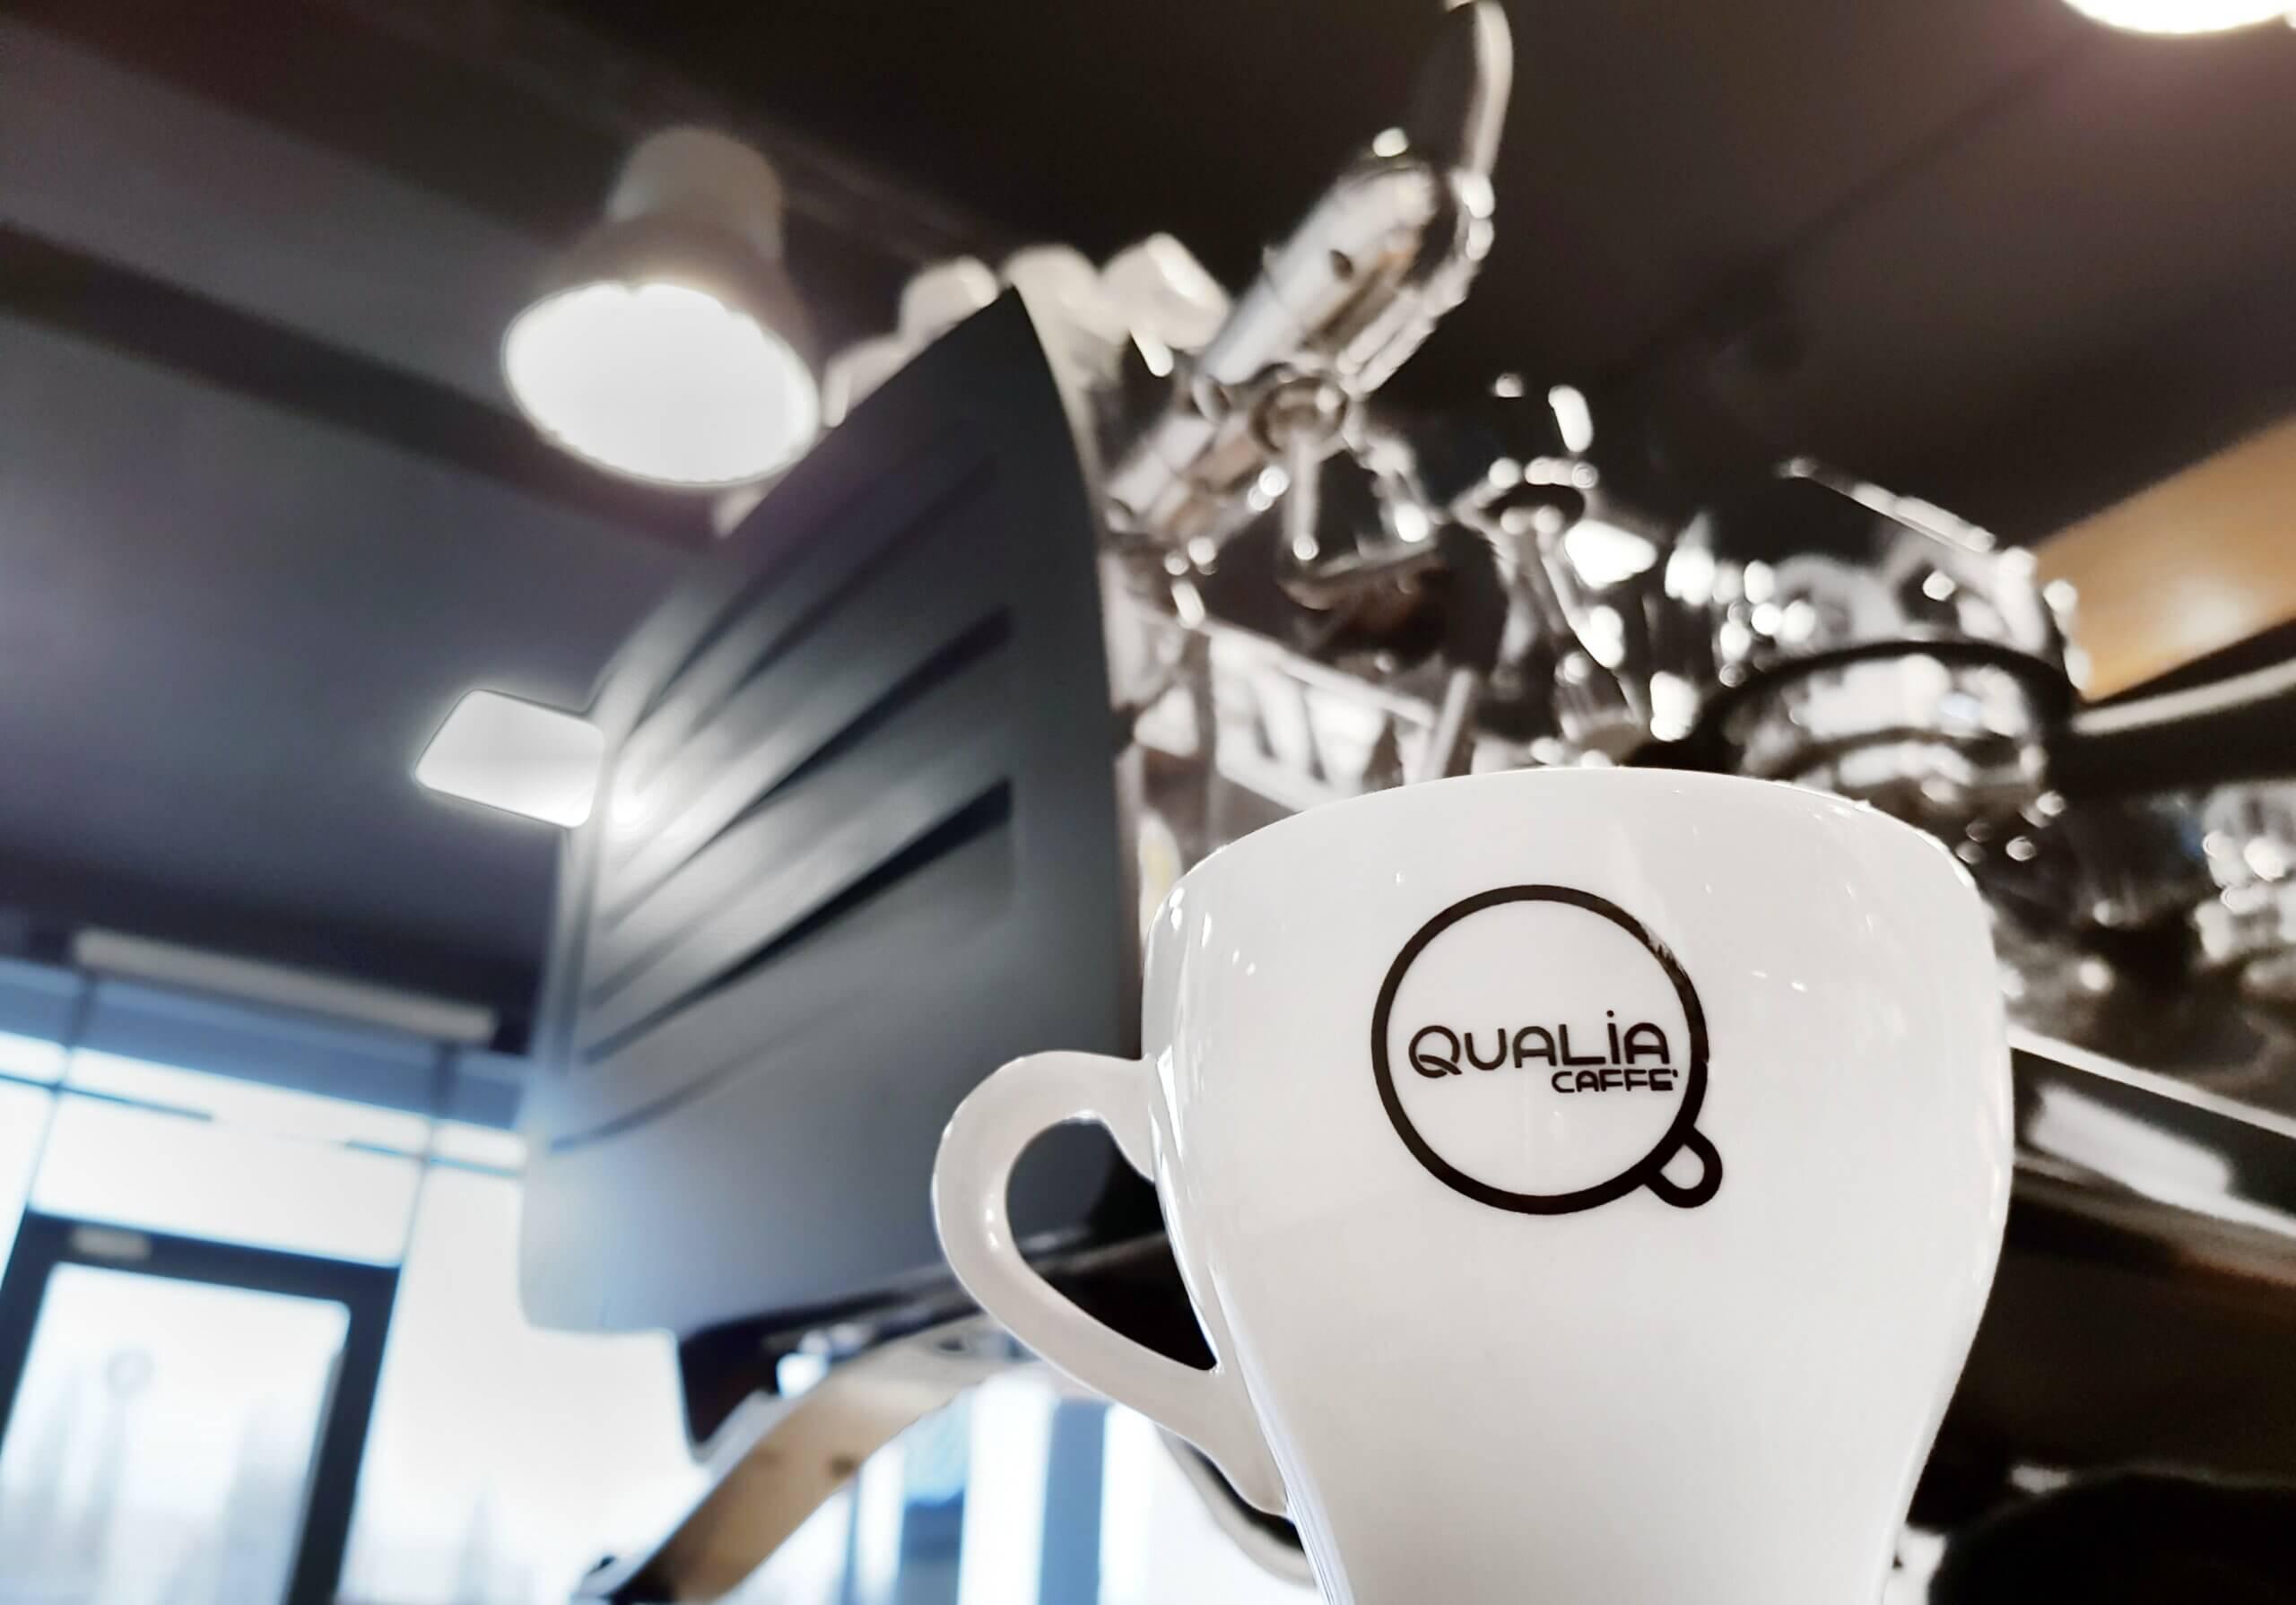 Palarnia kawy Qualia Caffe oferta HORECA